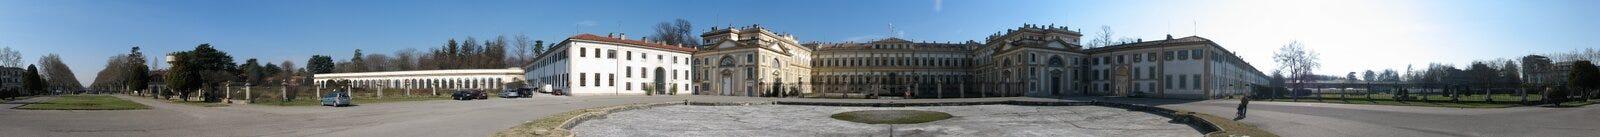 prawdziwy pałac Zdjęcie Royalty Free